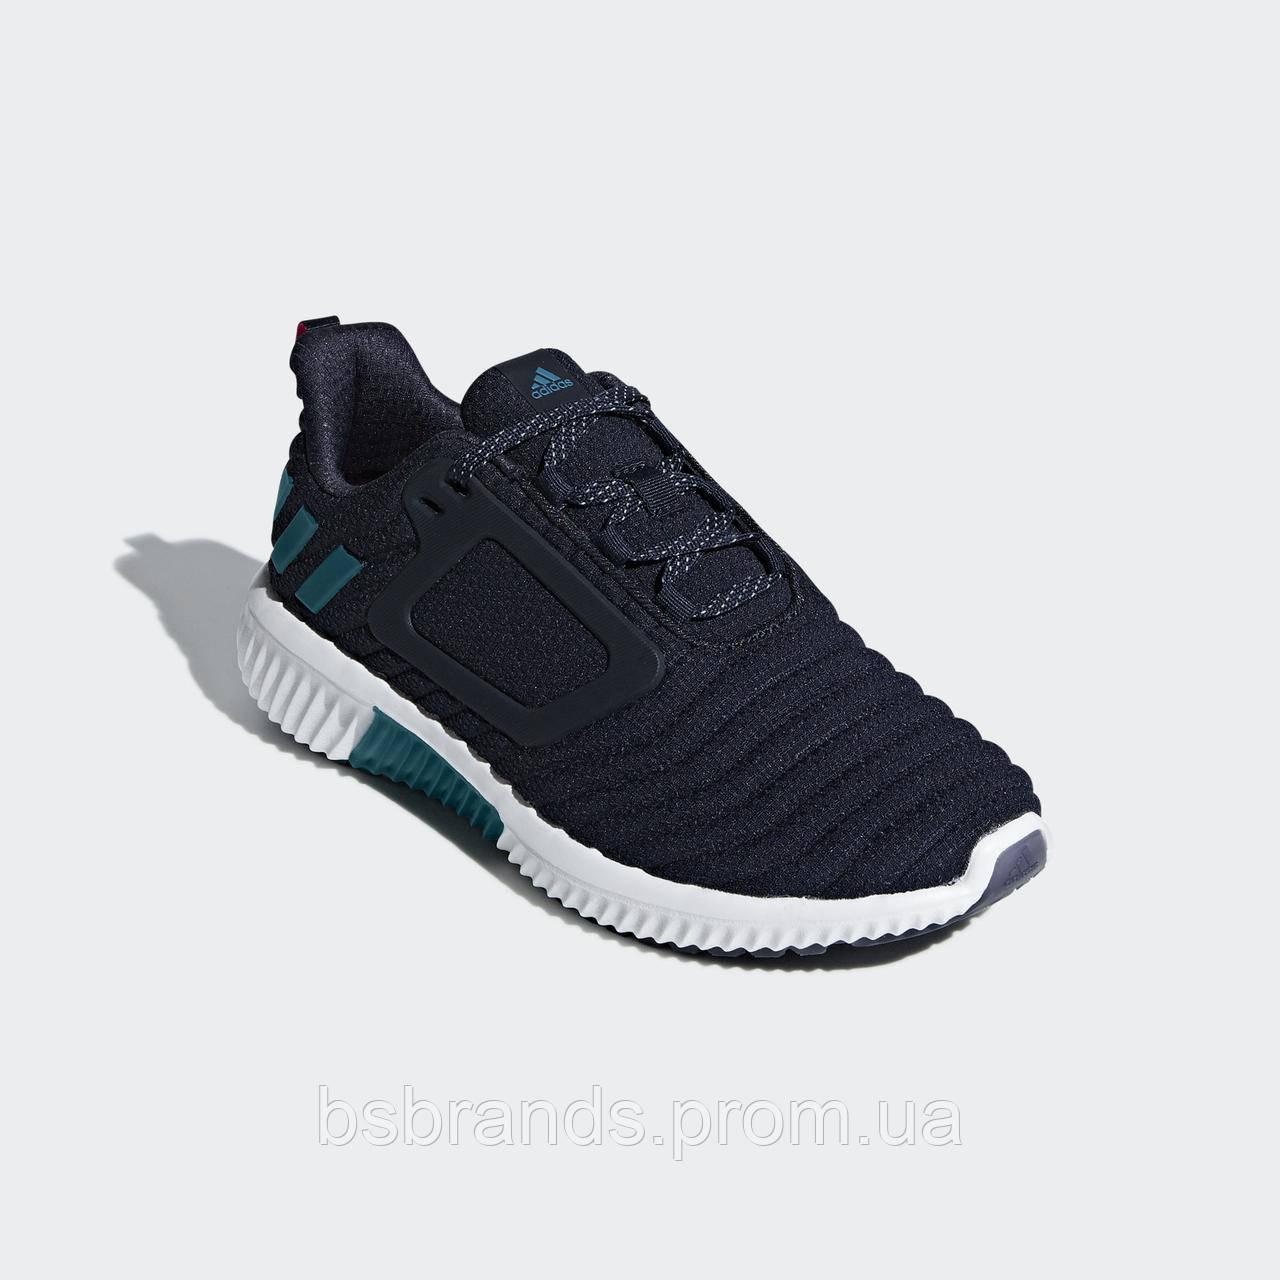 Женские кроссовки adidas для бега Climawarm All Terrain BB6593